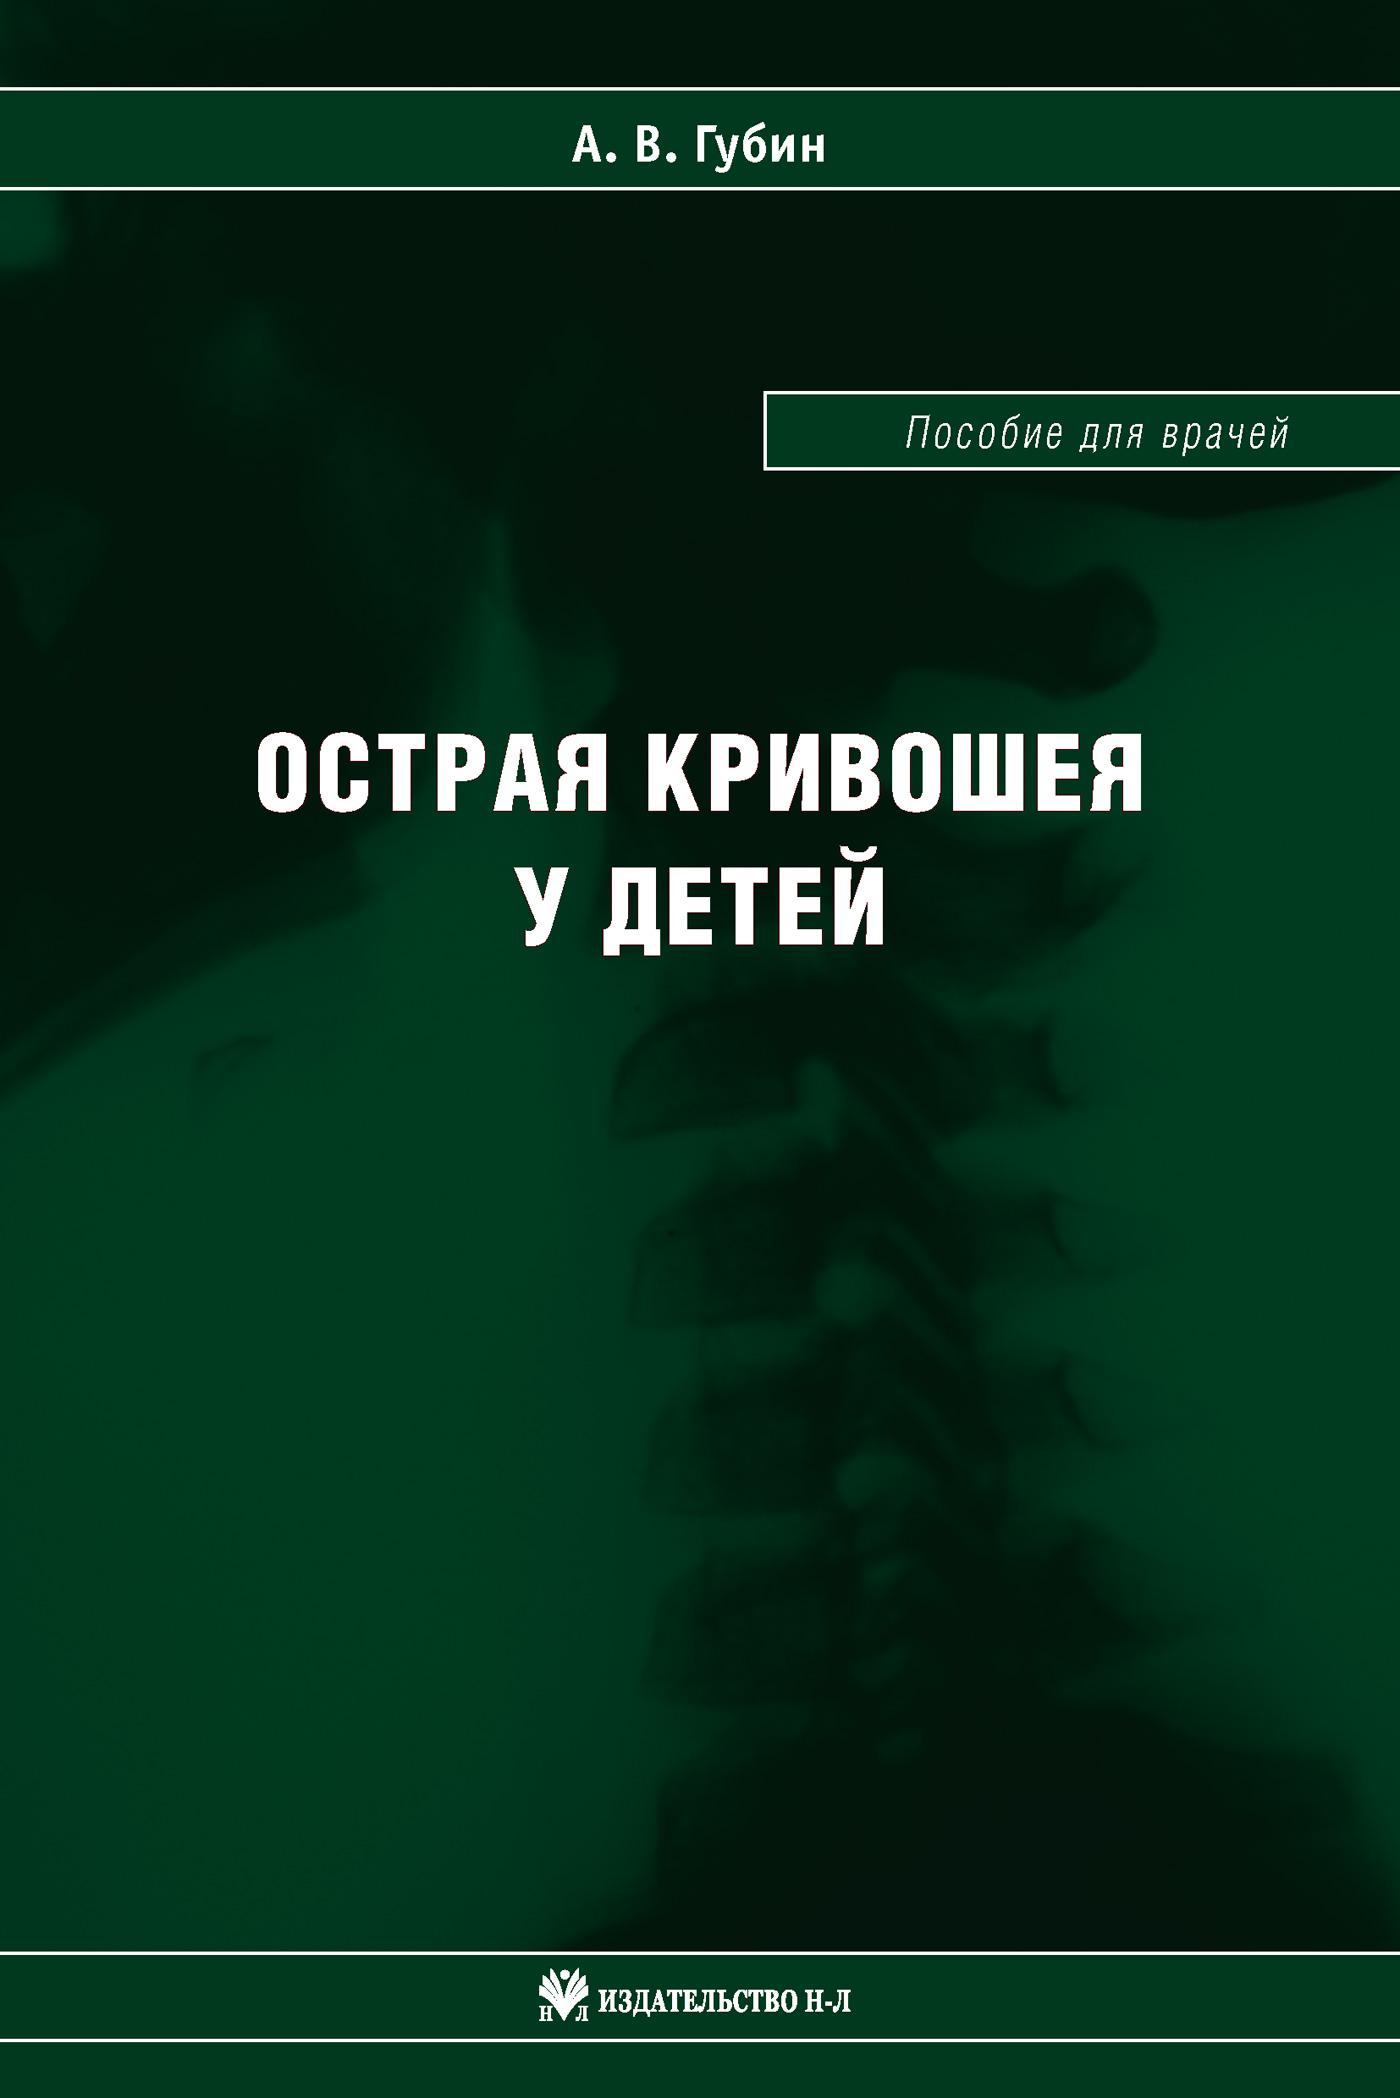 А. В. Губин Острая кривошея у детей: Пособие для врачей